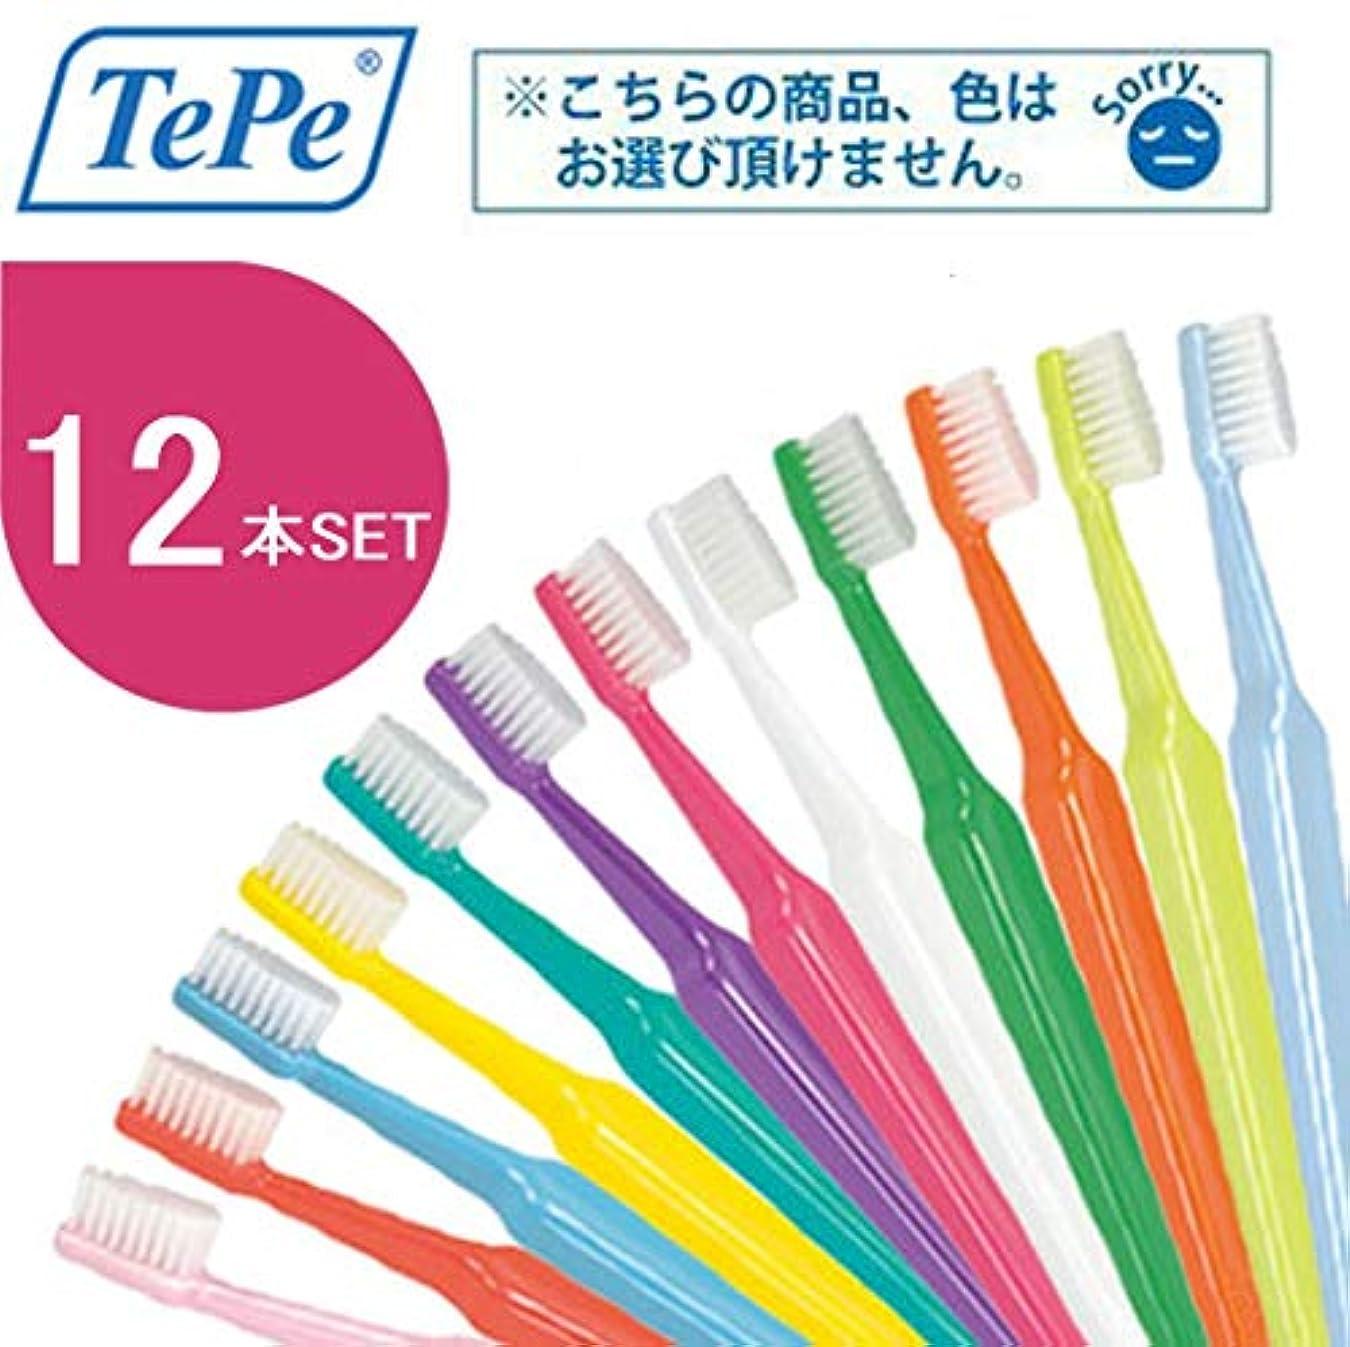 評議会ワイドジャングルクロスフィールド TePe テペ セレクト 歯ブラシ 12本 (エクストラソフト)